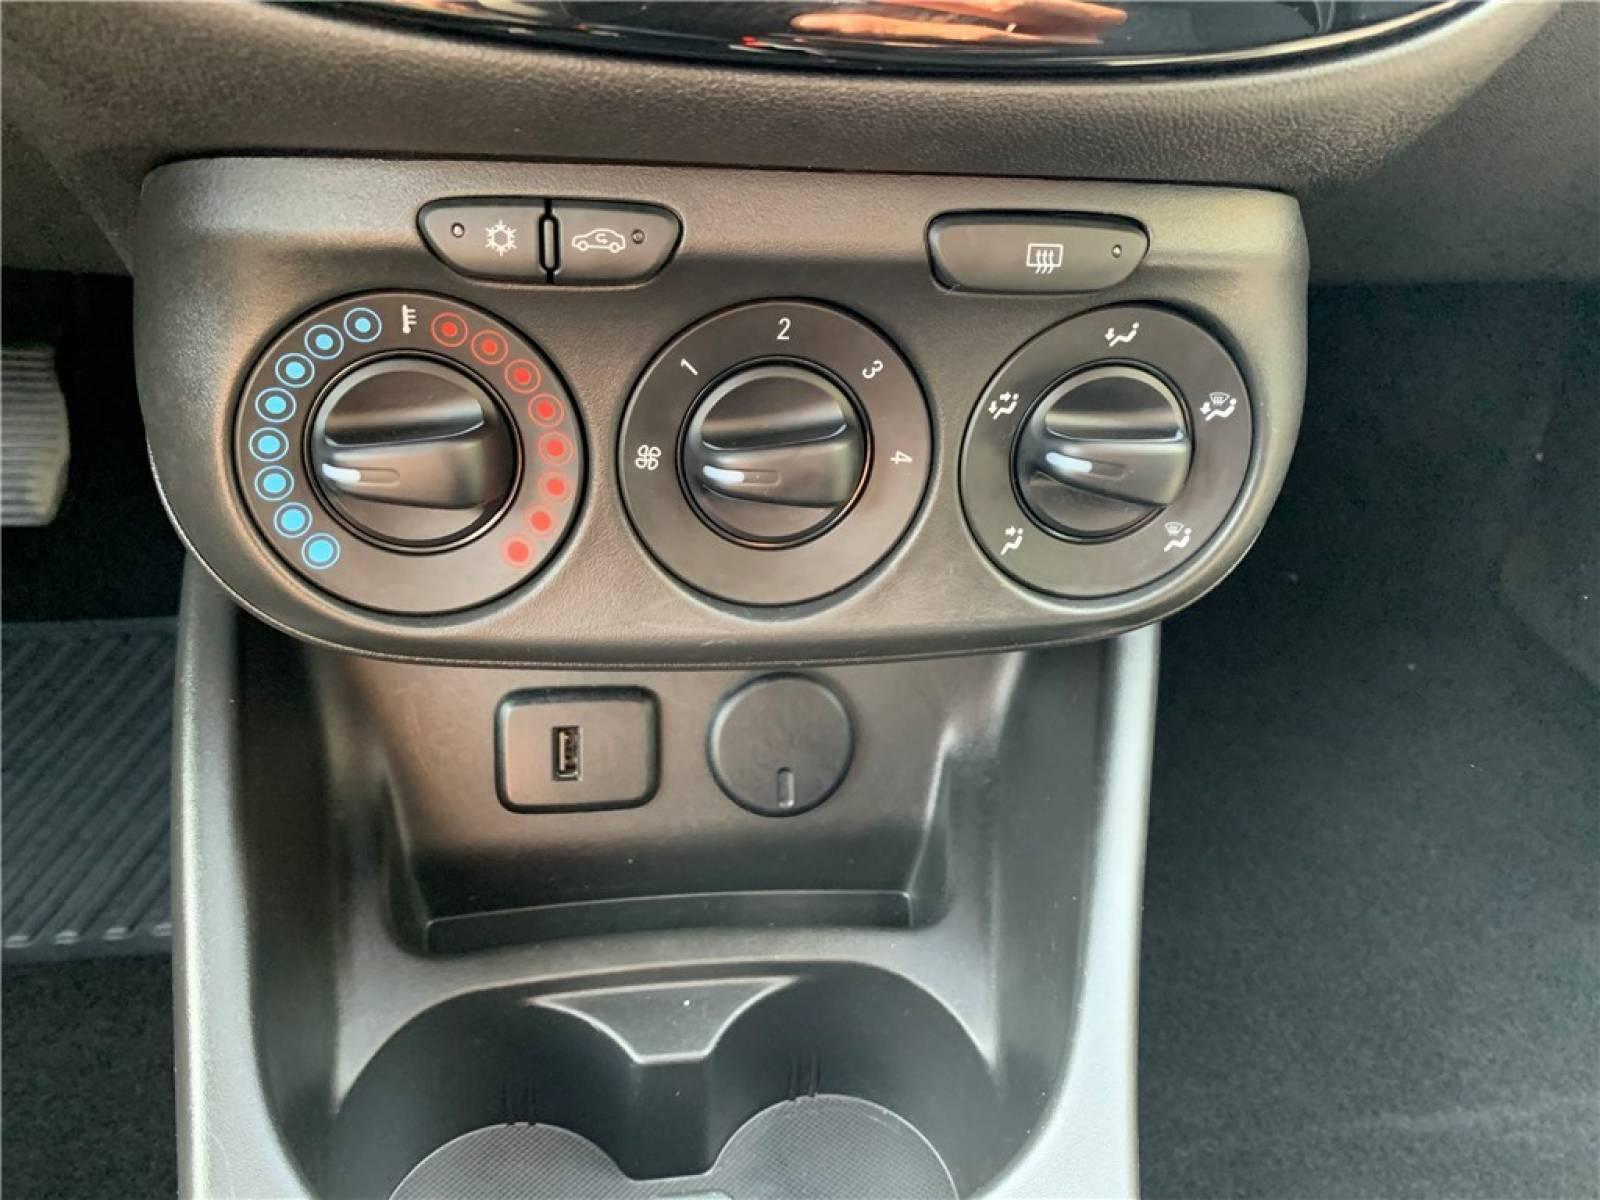 OPEL Corsa 1.4 90 ch - véhicule d'occasion - Groupe Guillet - Opel Magicauto - Montceau-les-Mines - 71300 - Montceau-les-Mines - 19